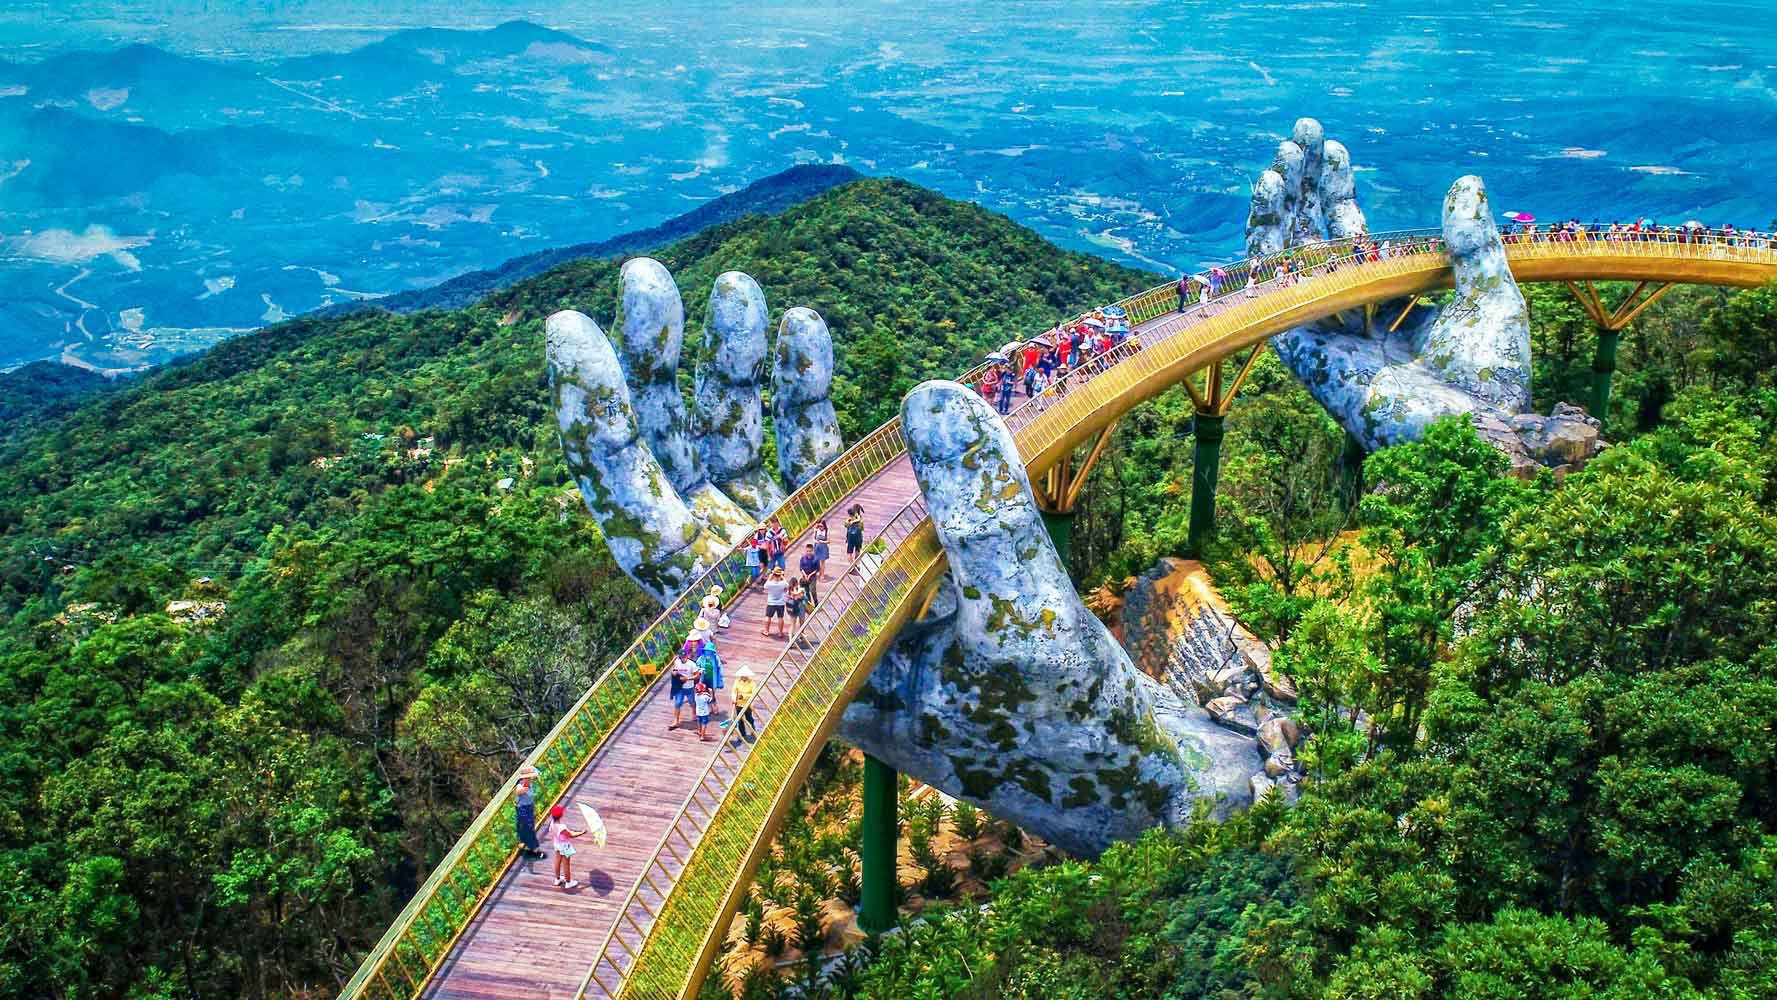 Đầu tư cho hạ tầng-Bí kíp giúp du lịch Việt Nam nâng tầm vị thế? - Ảnh 1.